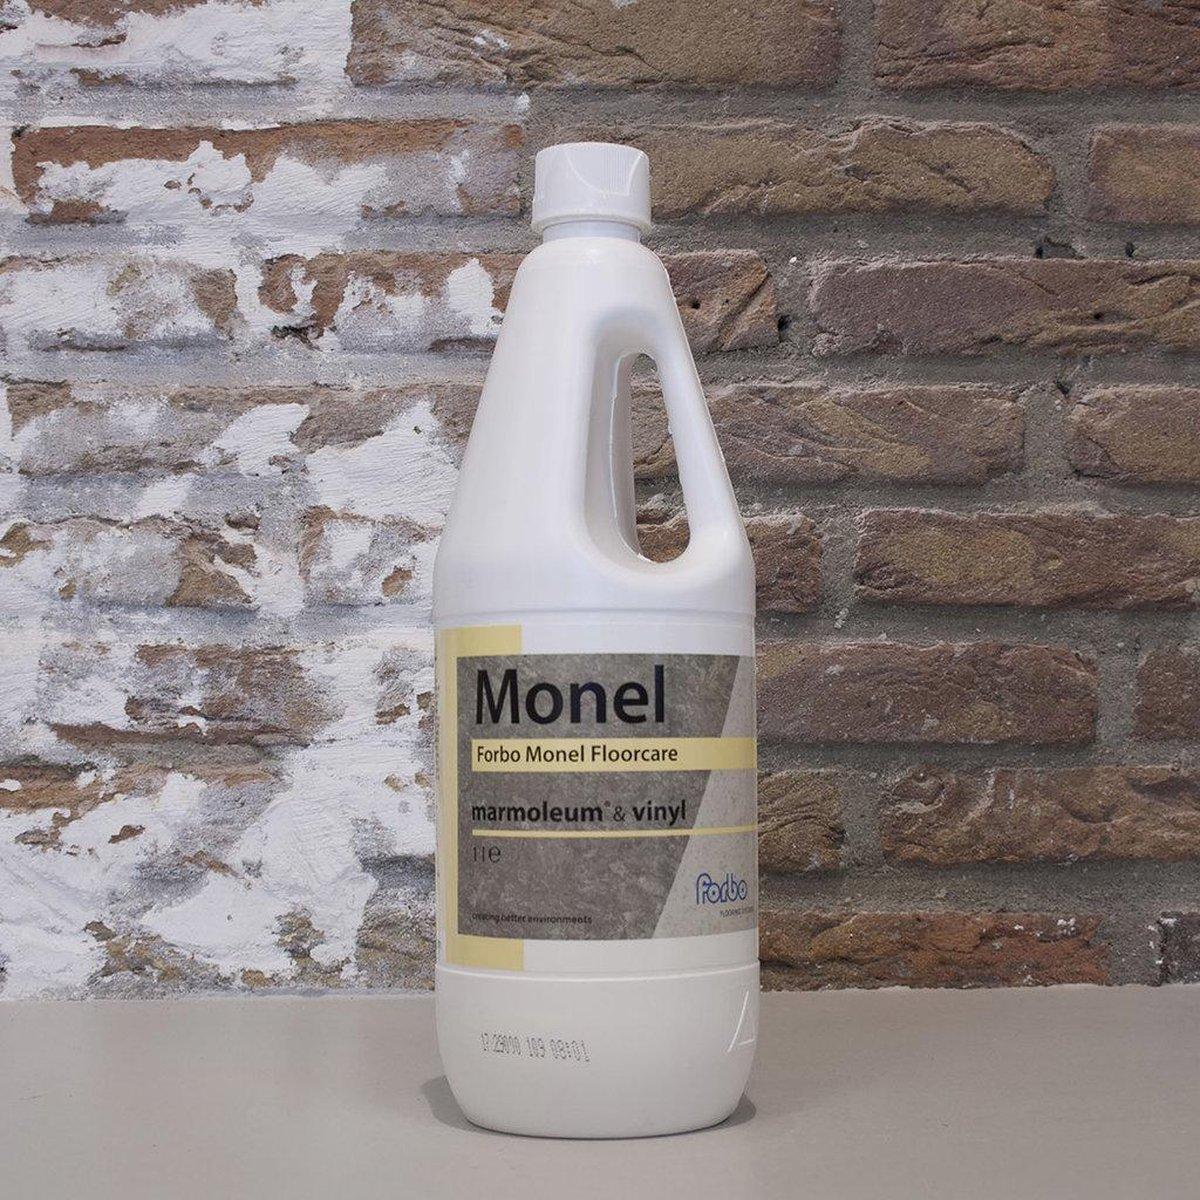 Forbo Monel Floorcare 1 liter   Reinigen en Onderhoud van Mamoleum - Vinyl vloeren